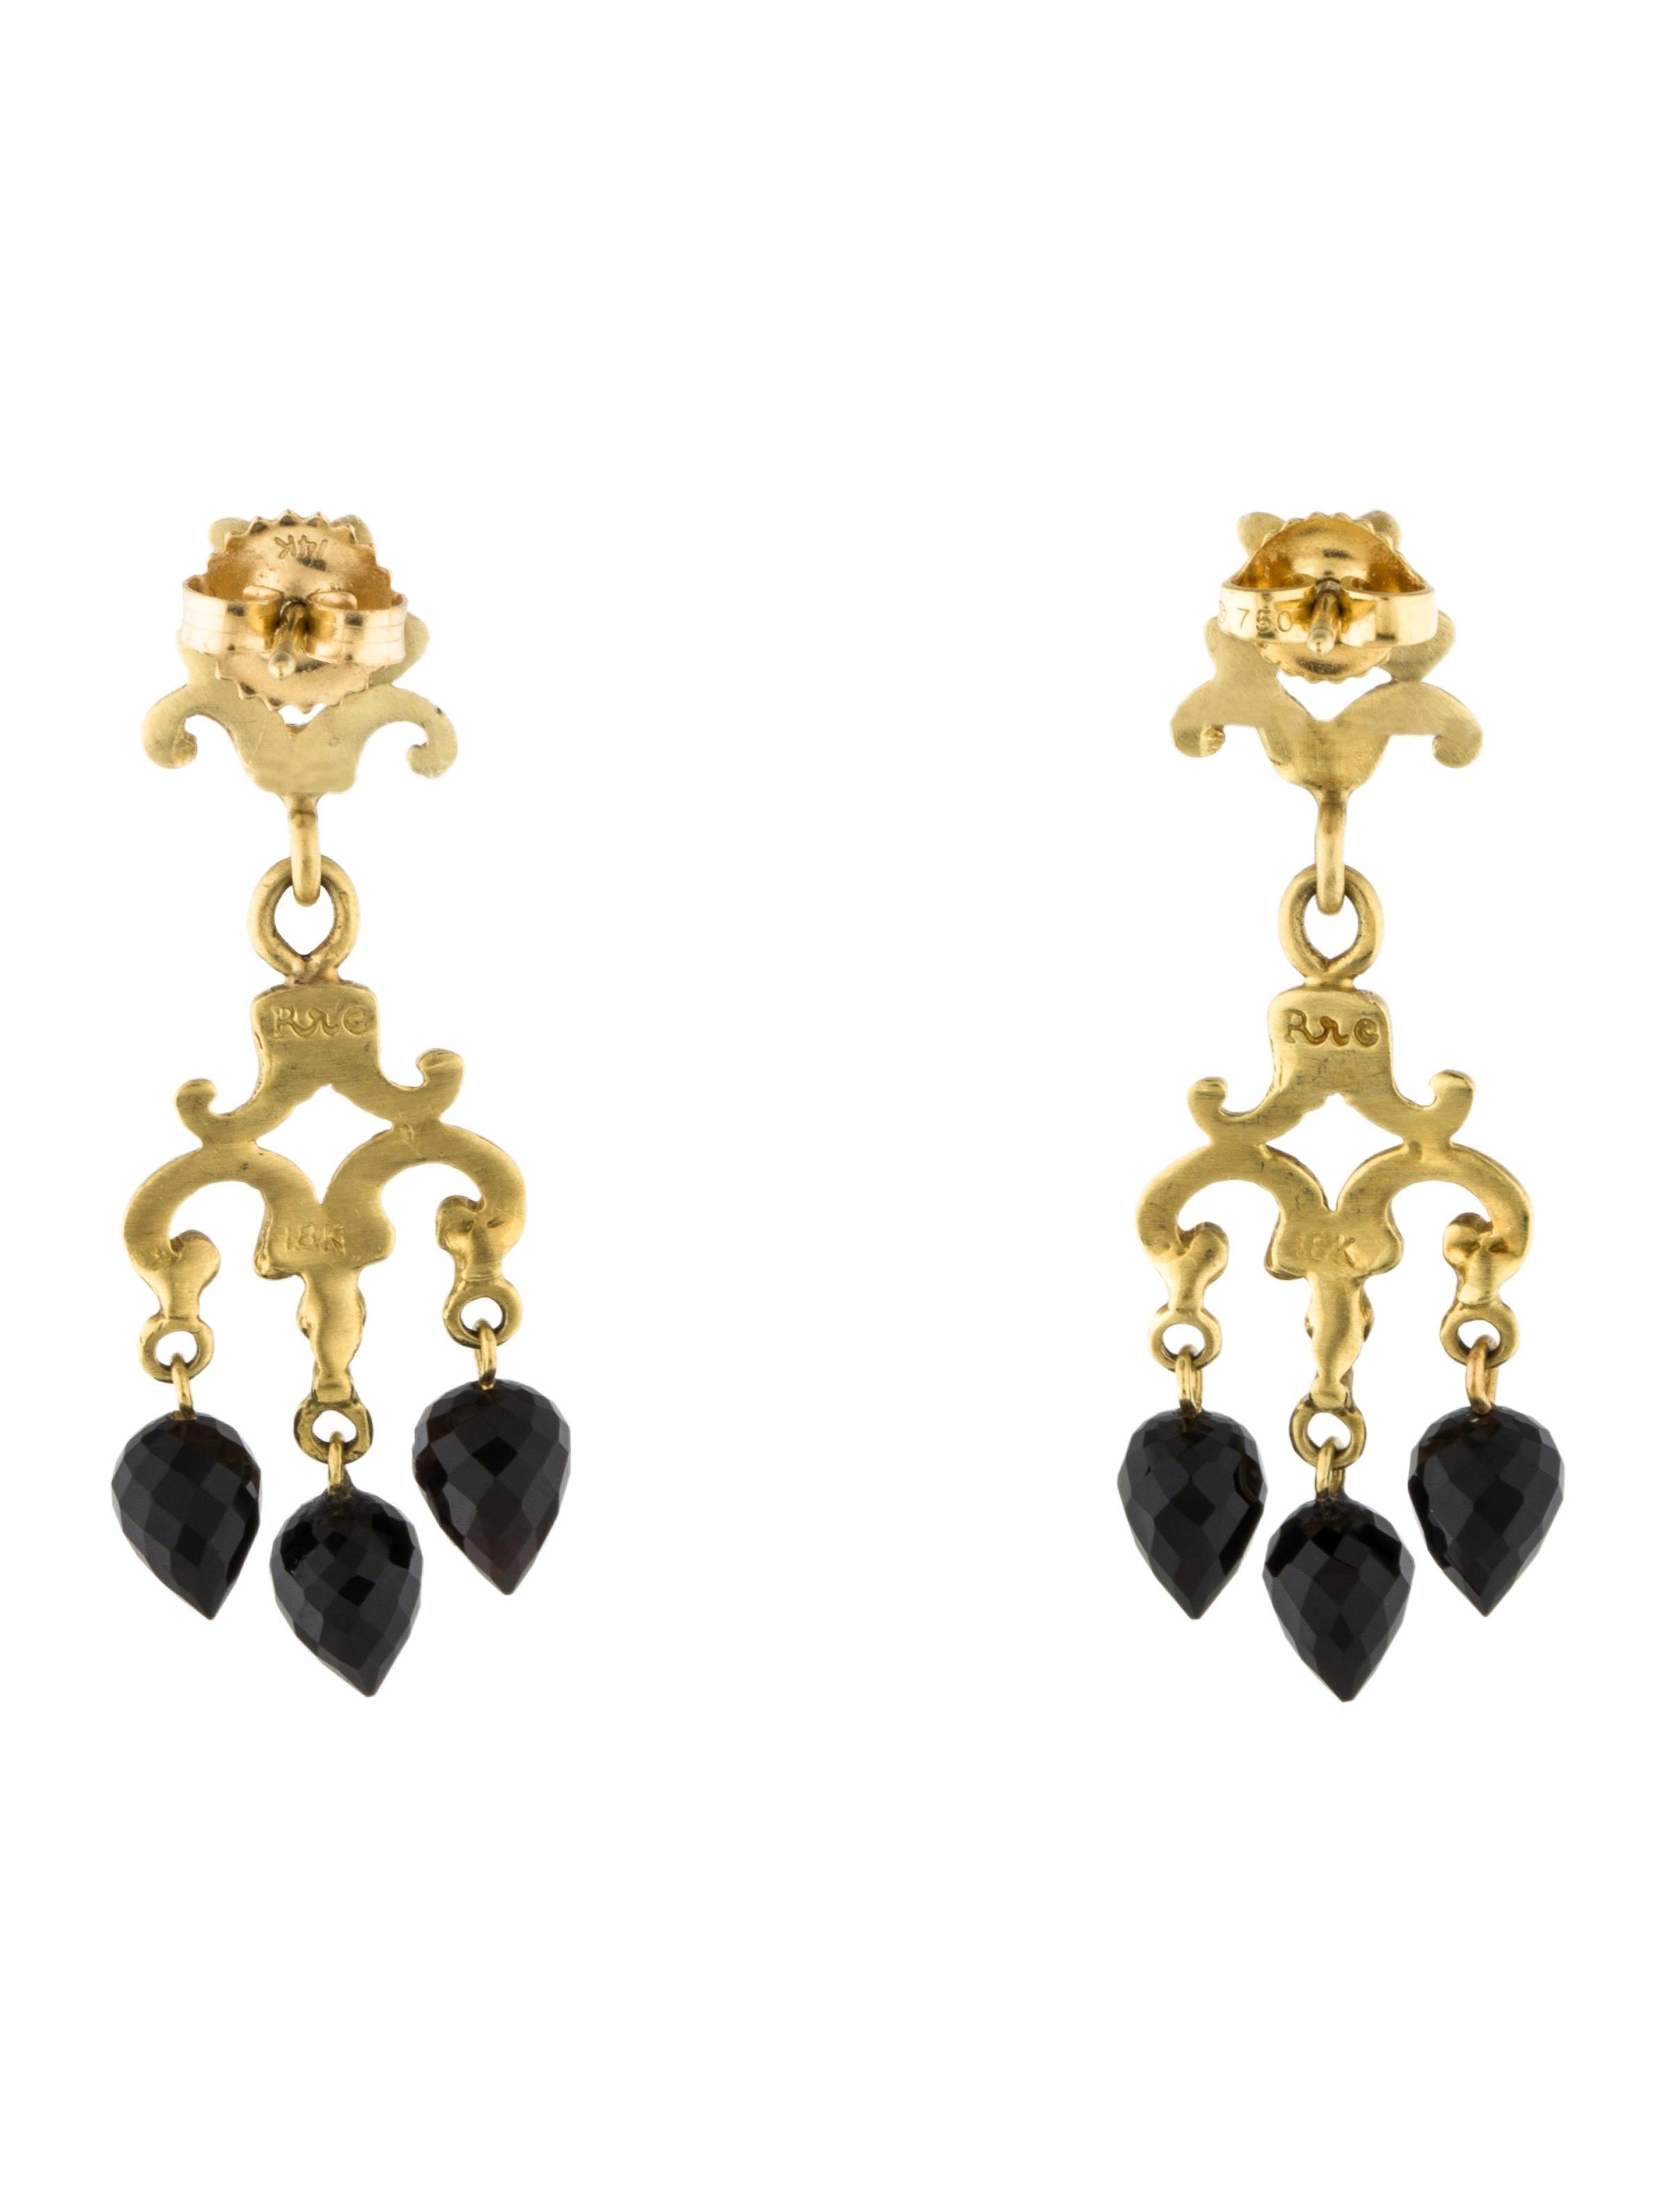 Robin rotenier 18k onyx chandelier earrings earrings ror20103 18k onyx chandelier earrings aloadofball Gallery